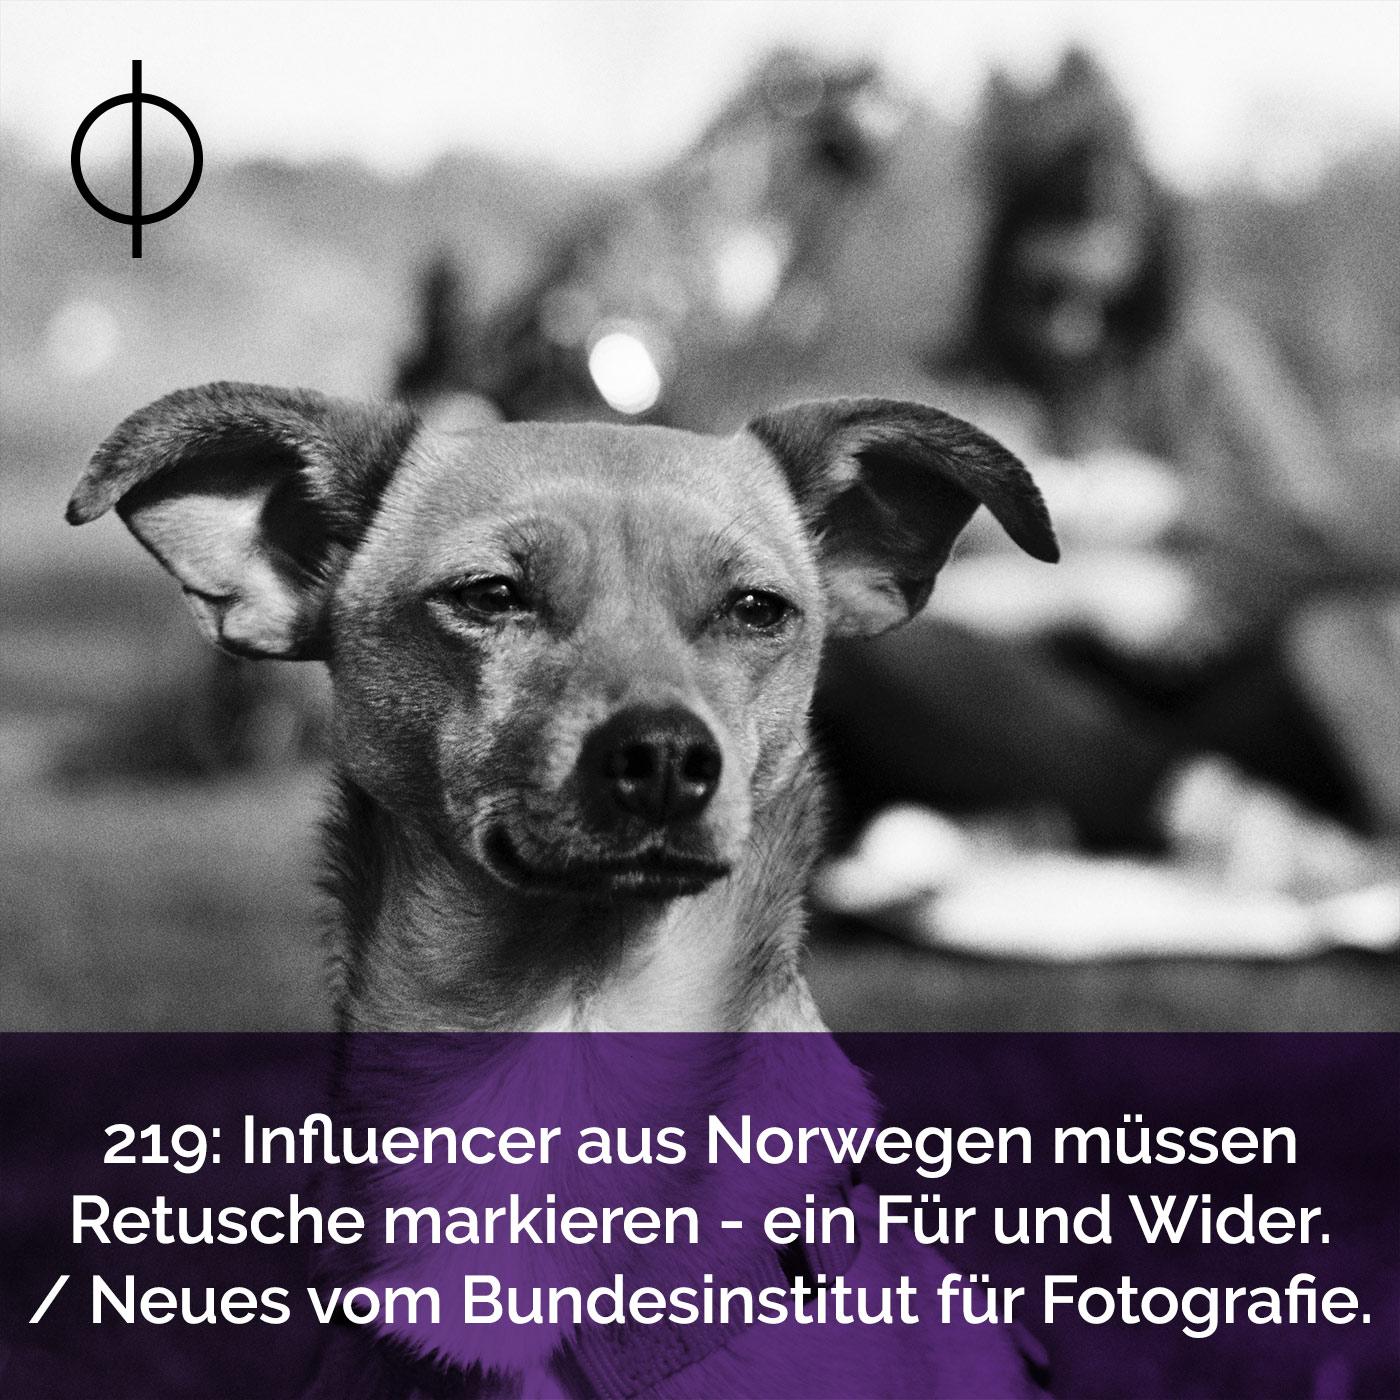 219: Influencer aus Norwegen müssen Retusche markieren – ein Für und Wider. Neues vom Bundesinstitut für Fotografie